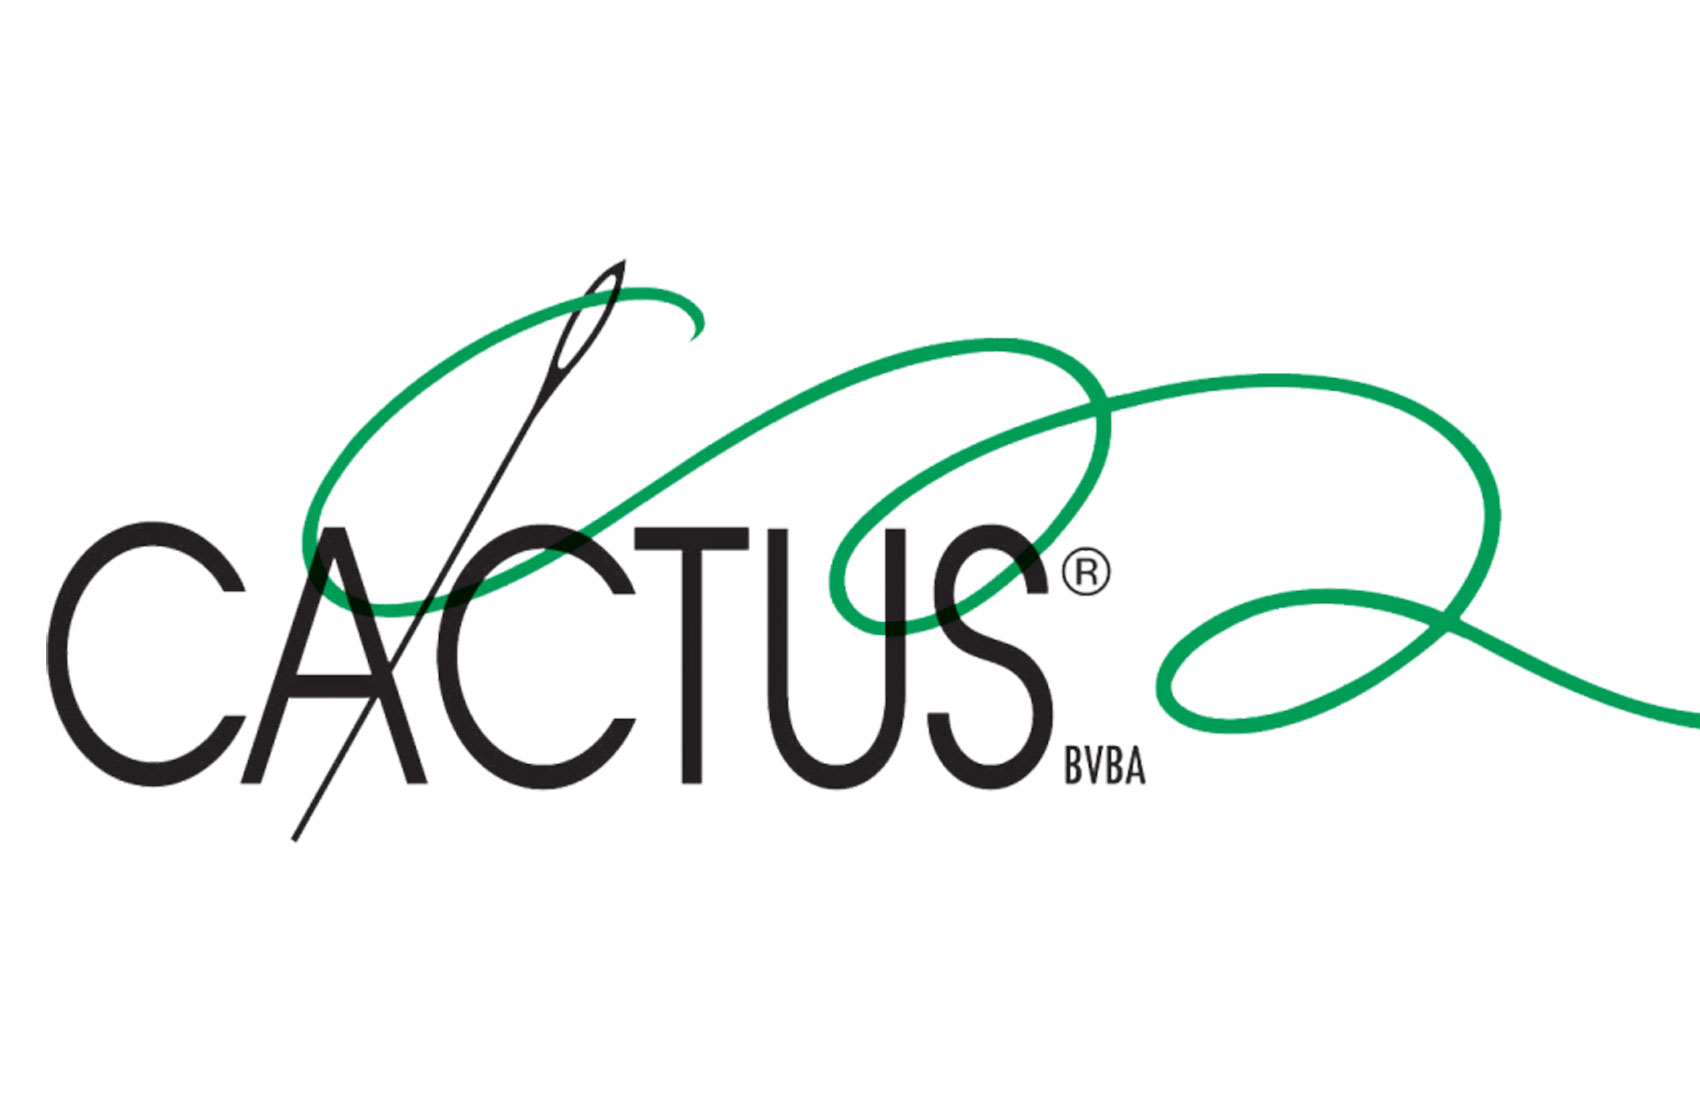 Cactus bv